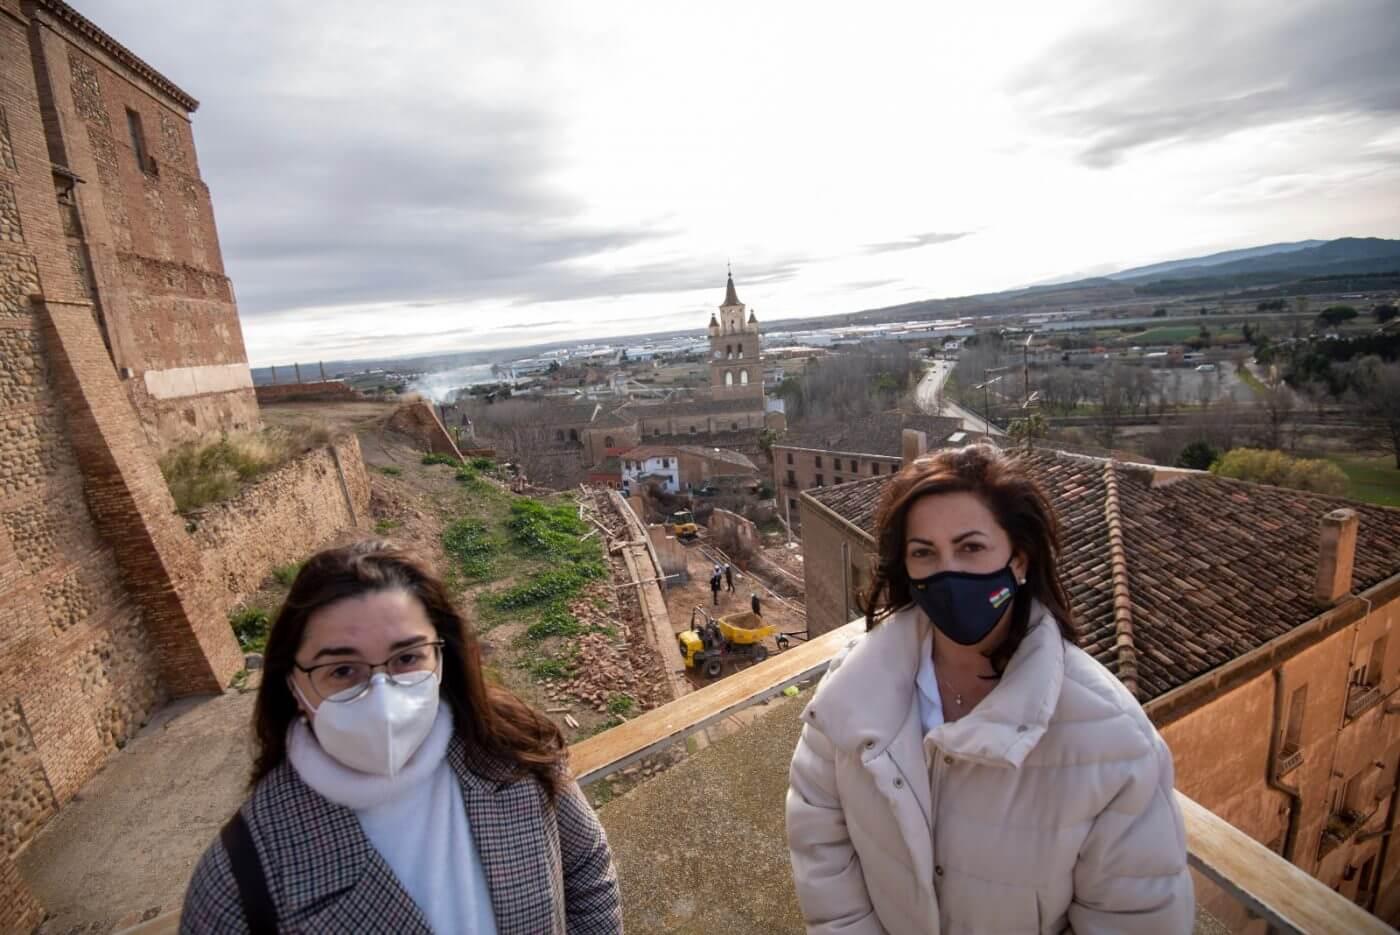 La presidenta Andreu visita las obras de restauración del patrimonio histórico artístico de Calahorra